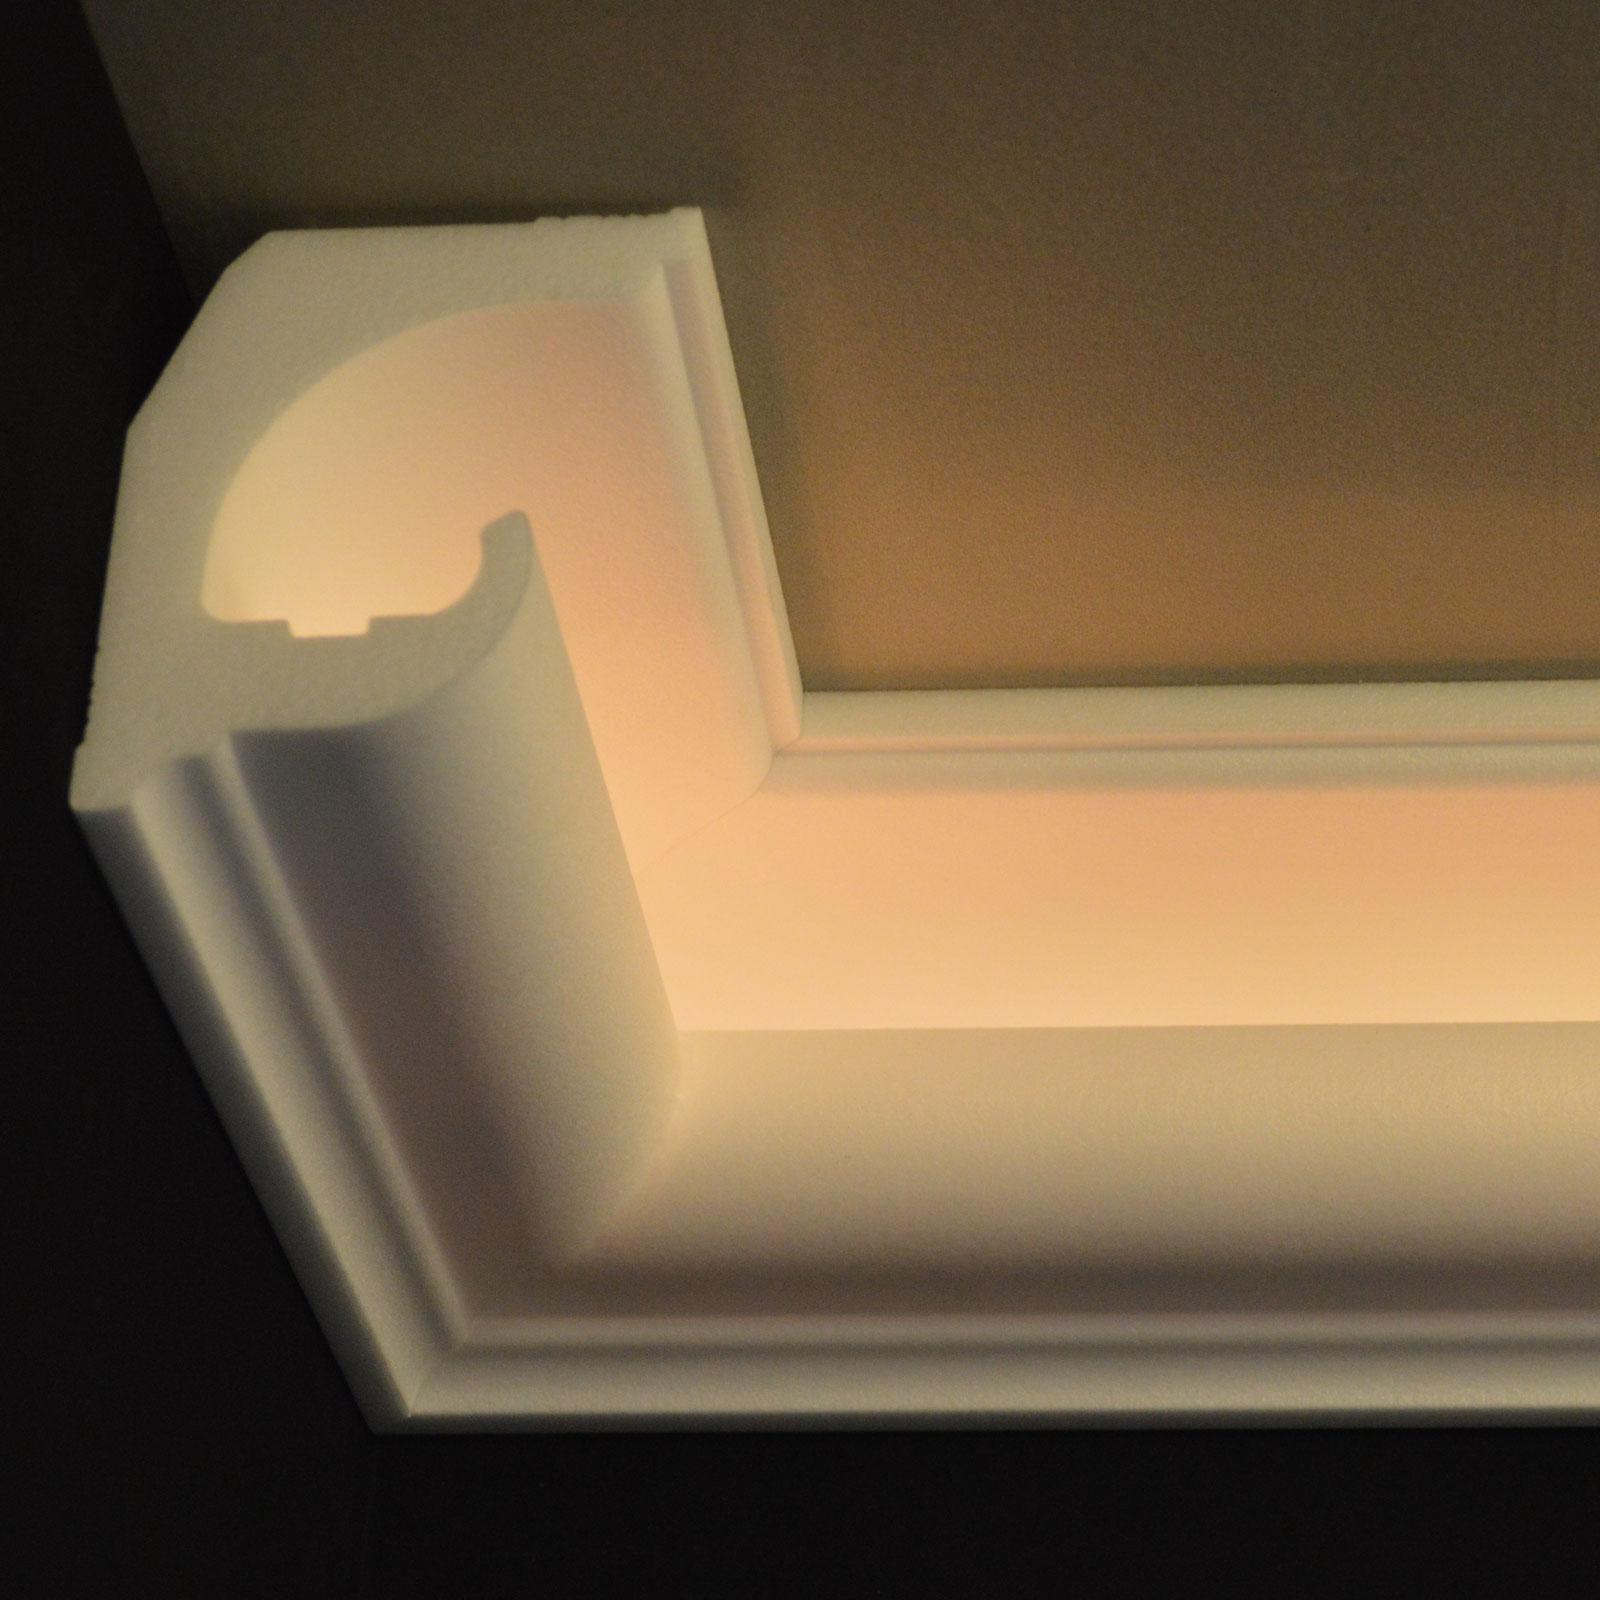 Full Size of Stuck Deckenleuchte Schlafzimmer Moderne Wohnzimmer Deckenlampe Deckenlampen Für Tagesdecken Betten Deckenstrahler Tagesdecke Bett Küche Modern Bad Decken Wohnzimmer Indirekte Beleuchtung Decke